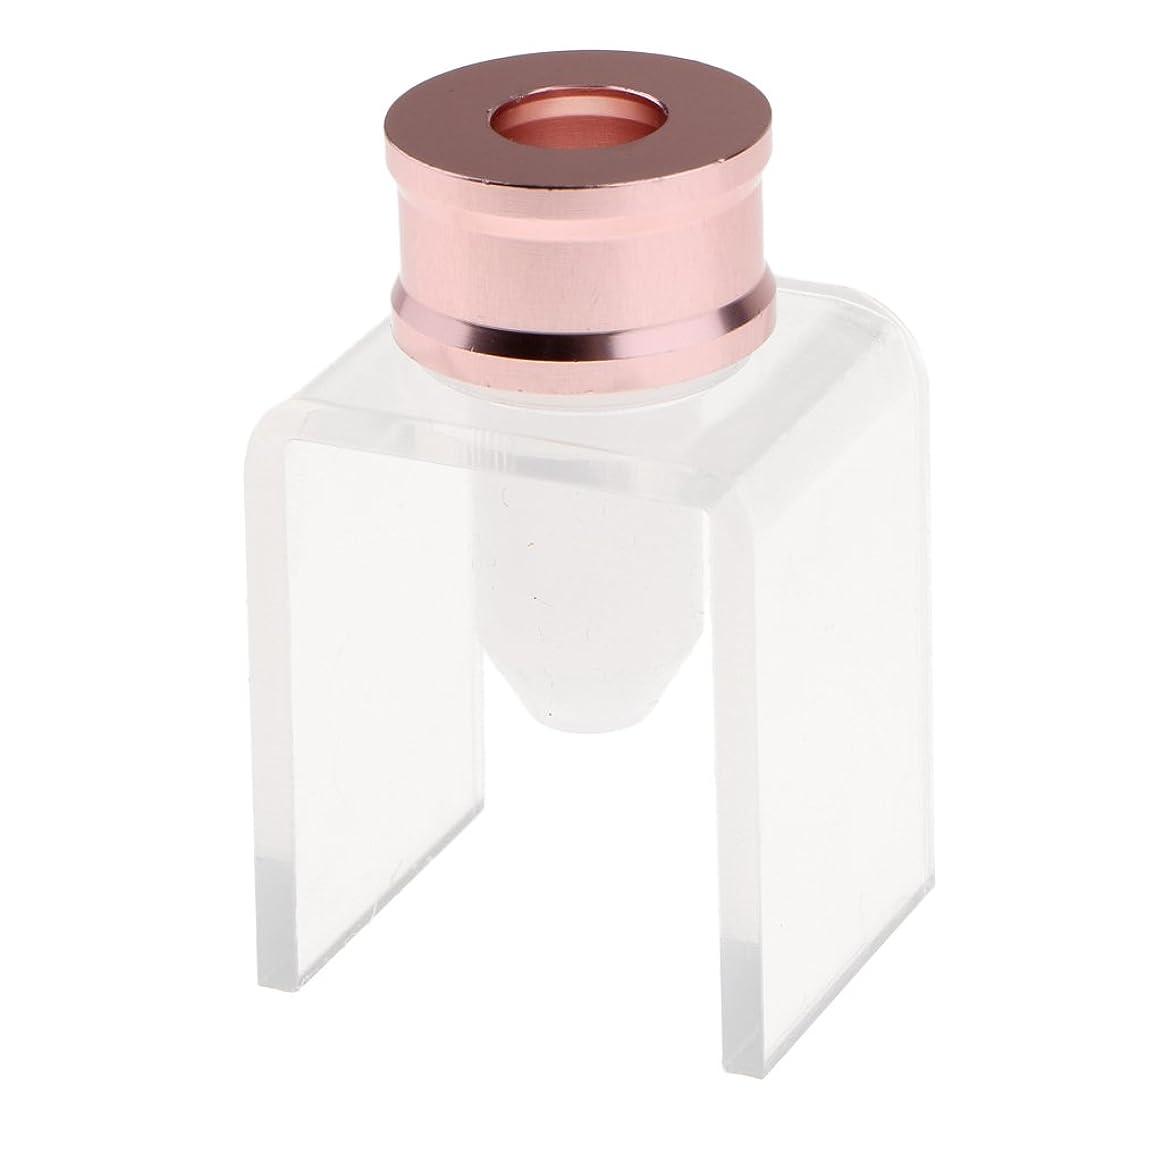 名義で仮説スクリーチKesoto リップスティック DIYセット 口紅リング 金型ホルダー リップバーム DIY 金型 ツールキット 12.1mmチューブ 7タイプ選べる - #4